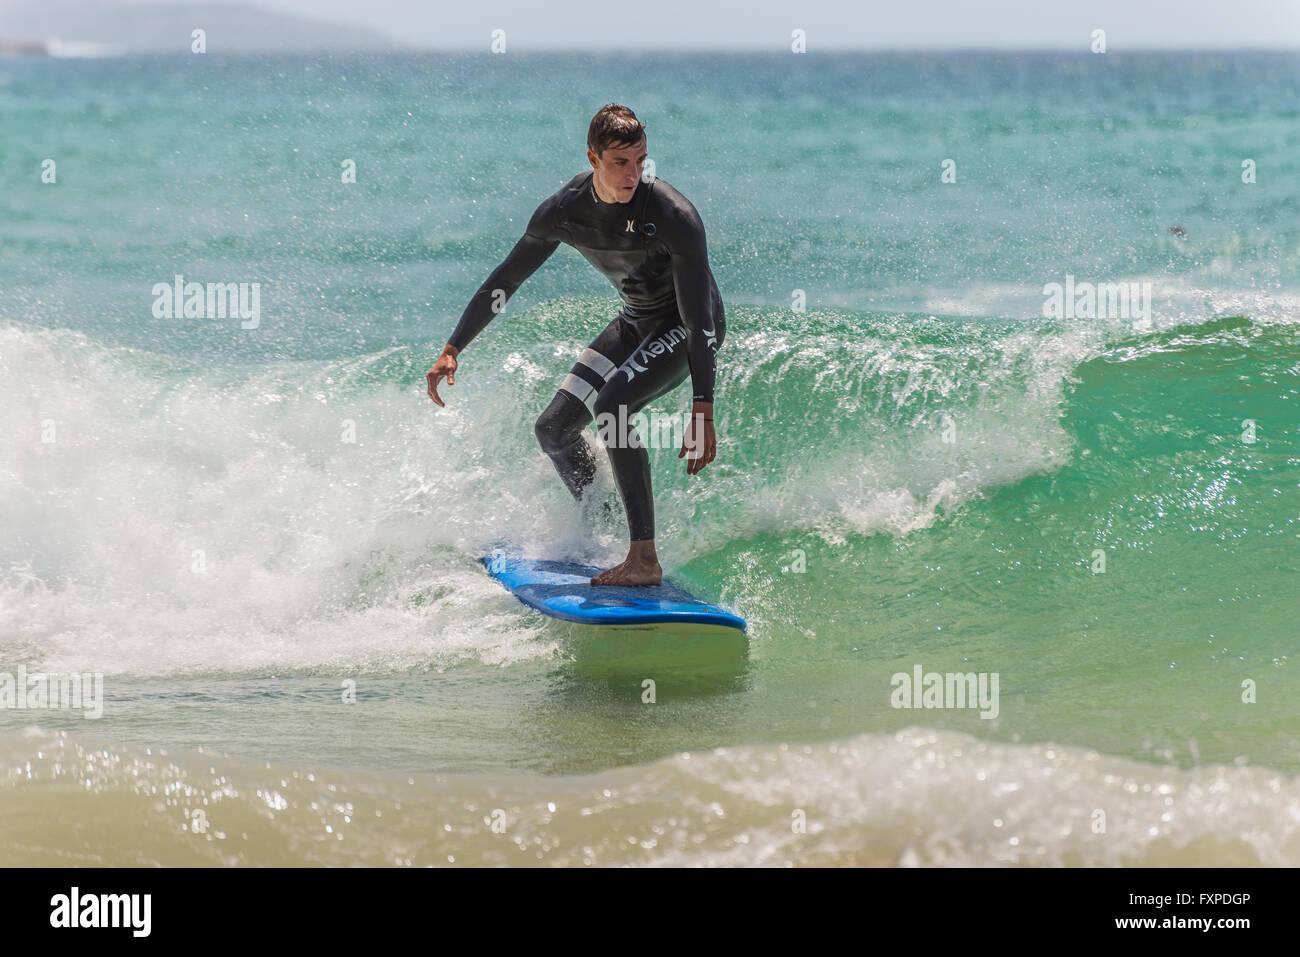 L'uomo corse la sua tavola da surf verso la riva. A sette miglia dal centro di Sydney, nota Manly Beach Immagini Stock